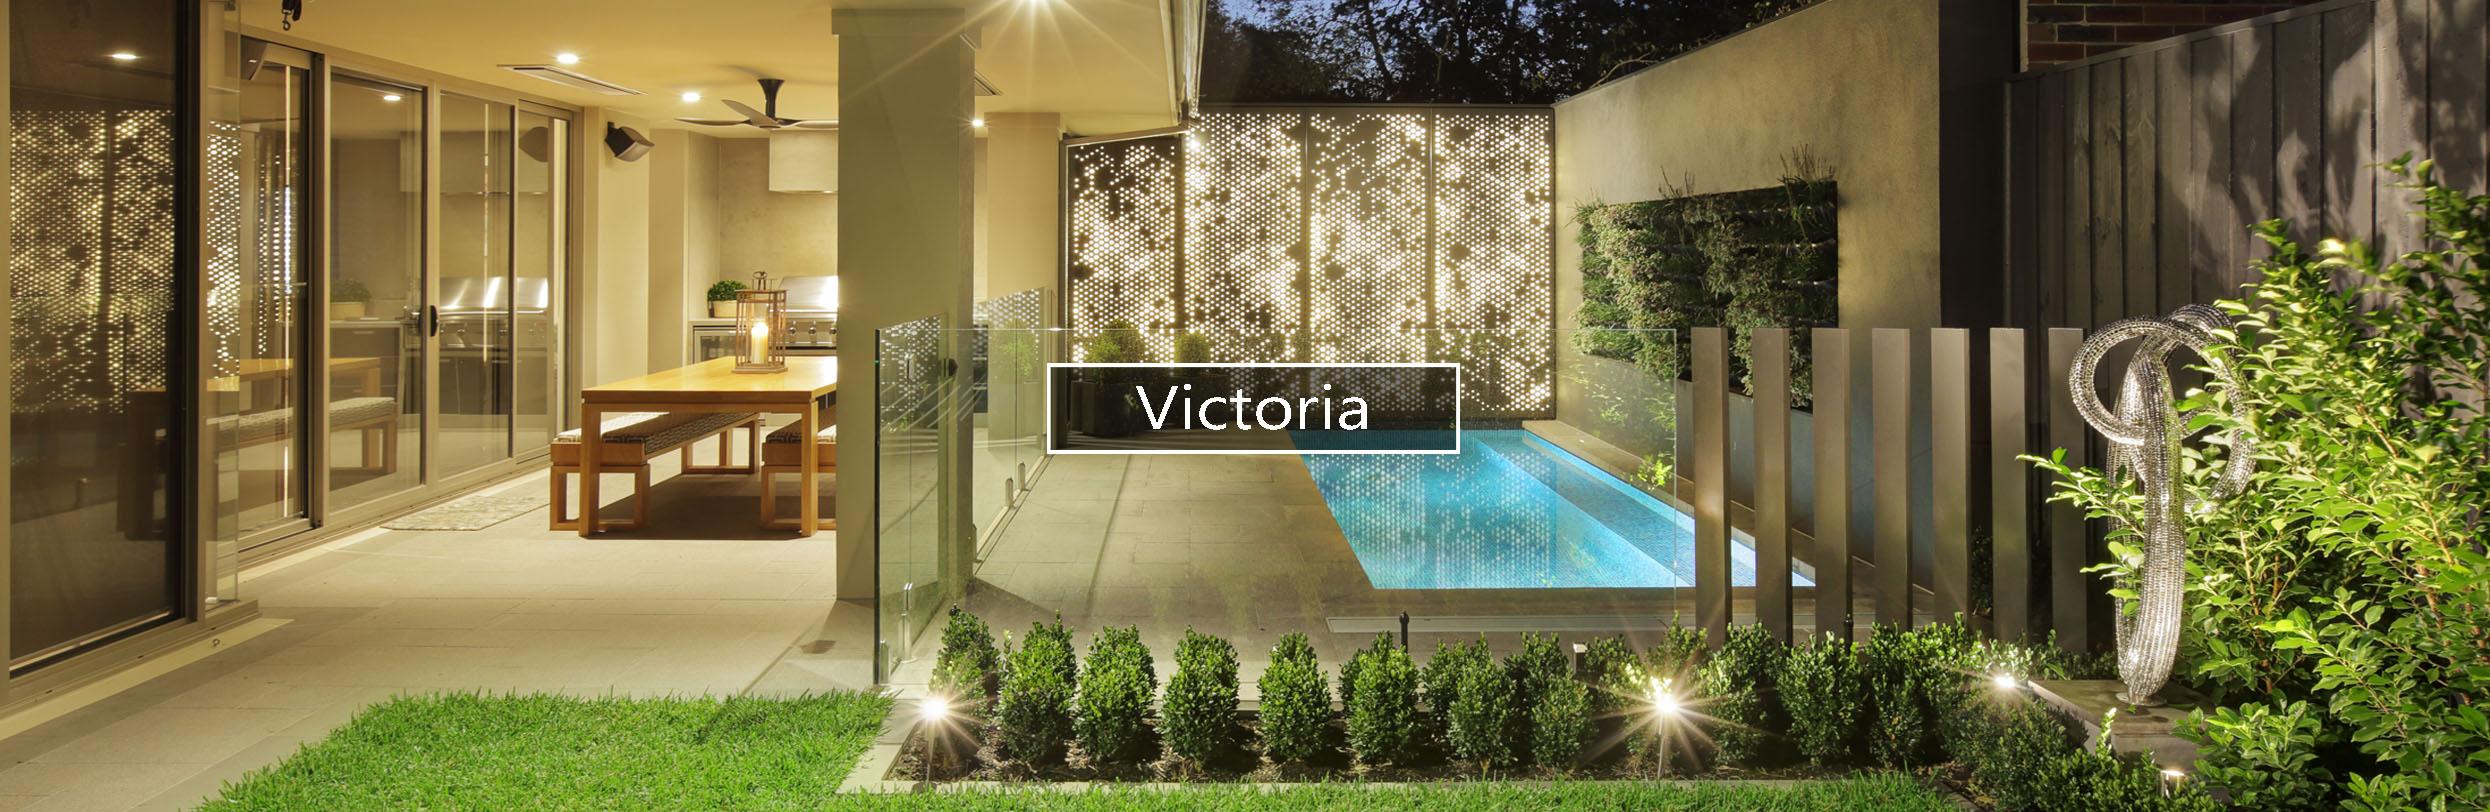 Victora - Kiama Landscapes Project